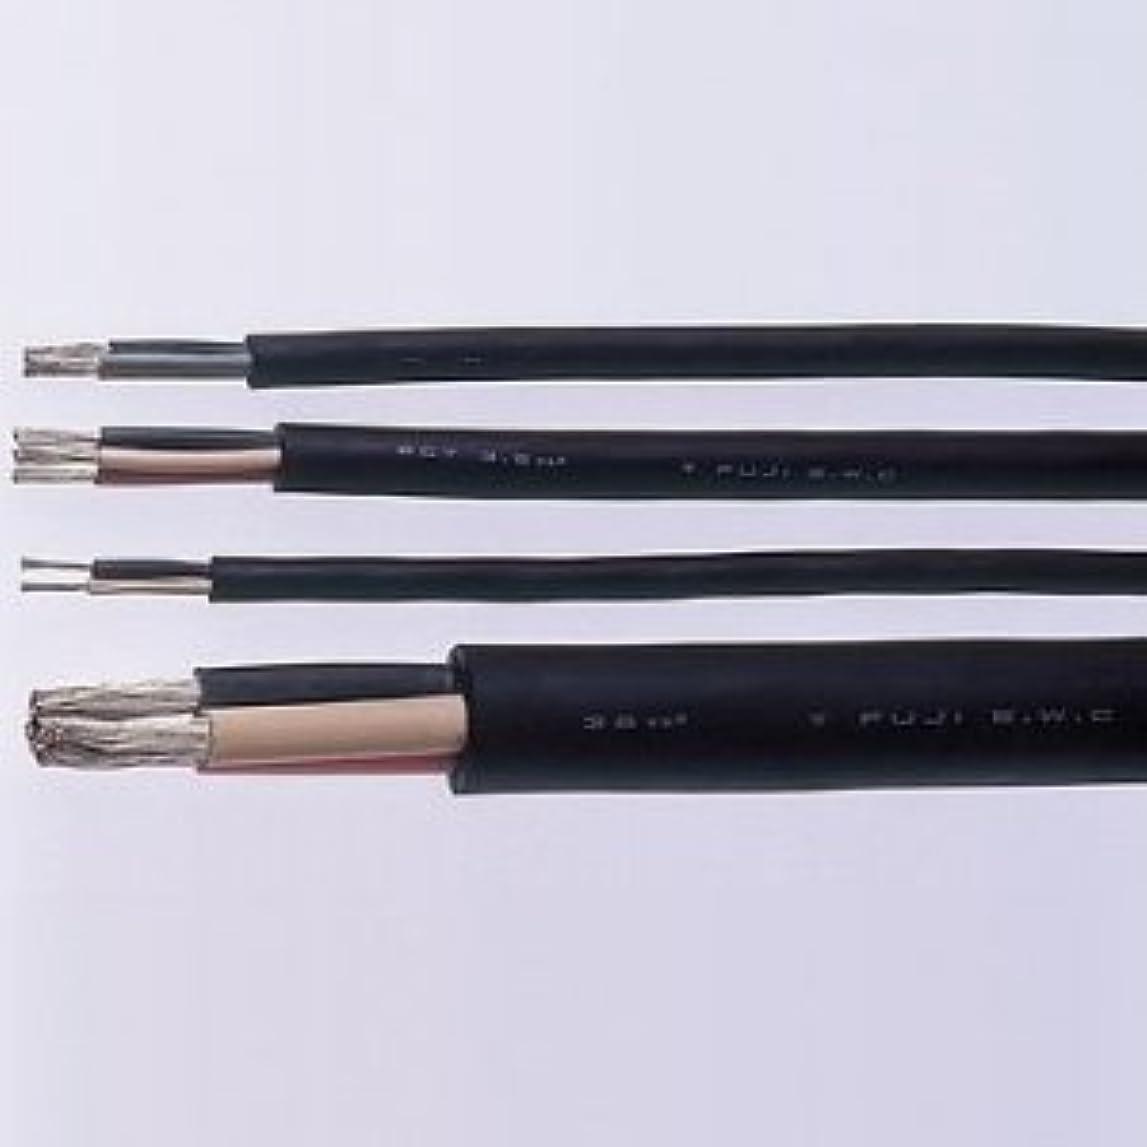 荒らす予備ほぼ富士電線 切売販売 2種天然ゴム絶縁天然ゴムキャブタイヤケーブル 5.5m㎡ 3心 10m単位切り売り 2CT5.5SQ×3C